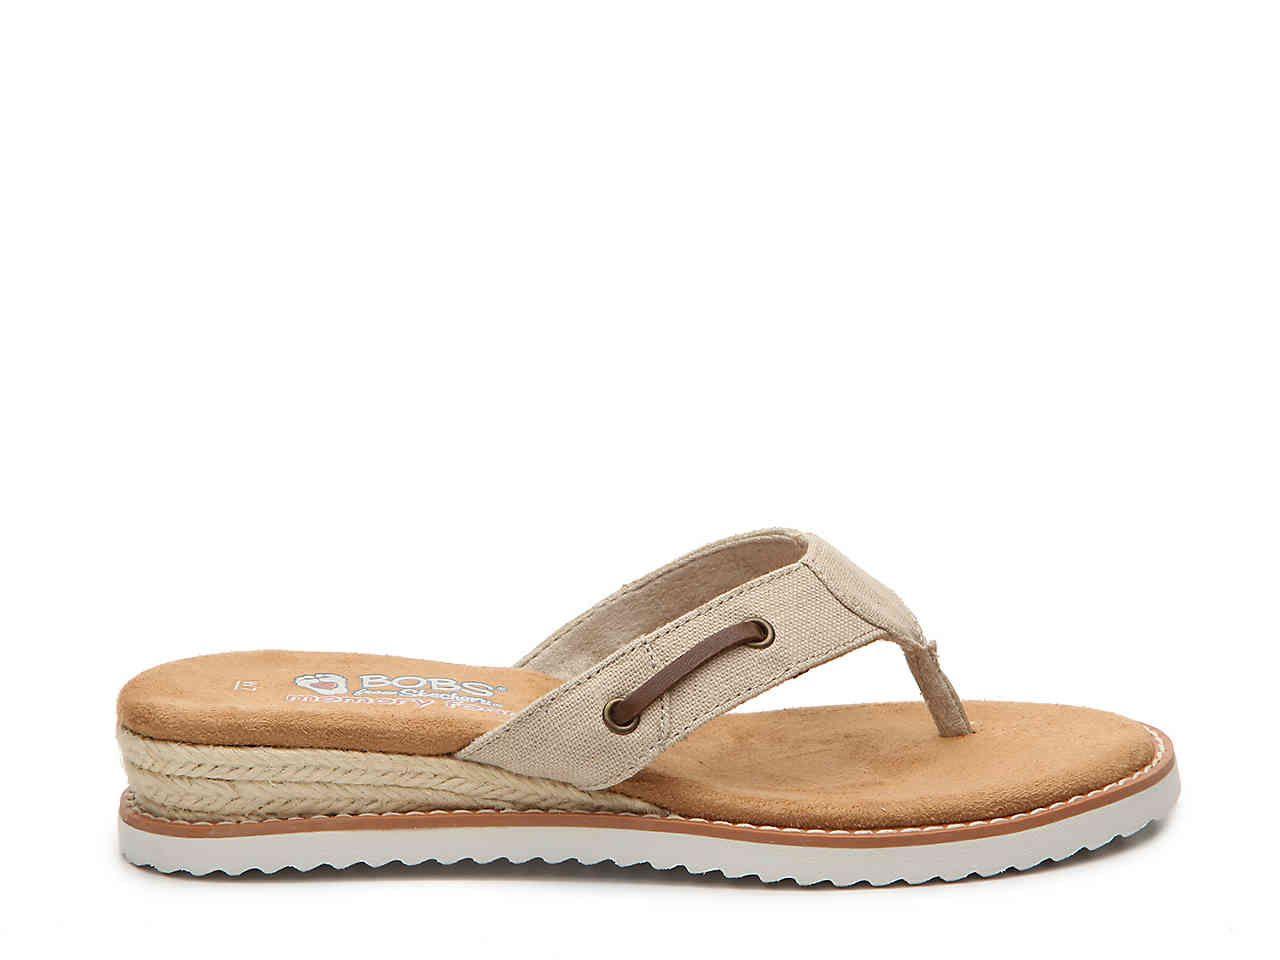 Wedge sandals, Skechers bobs